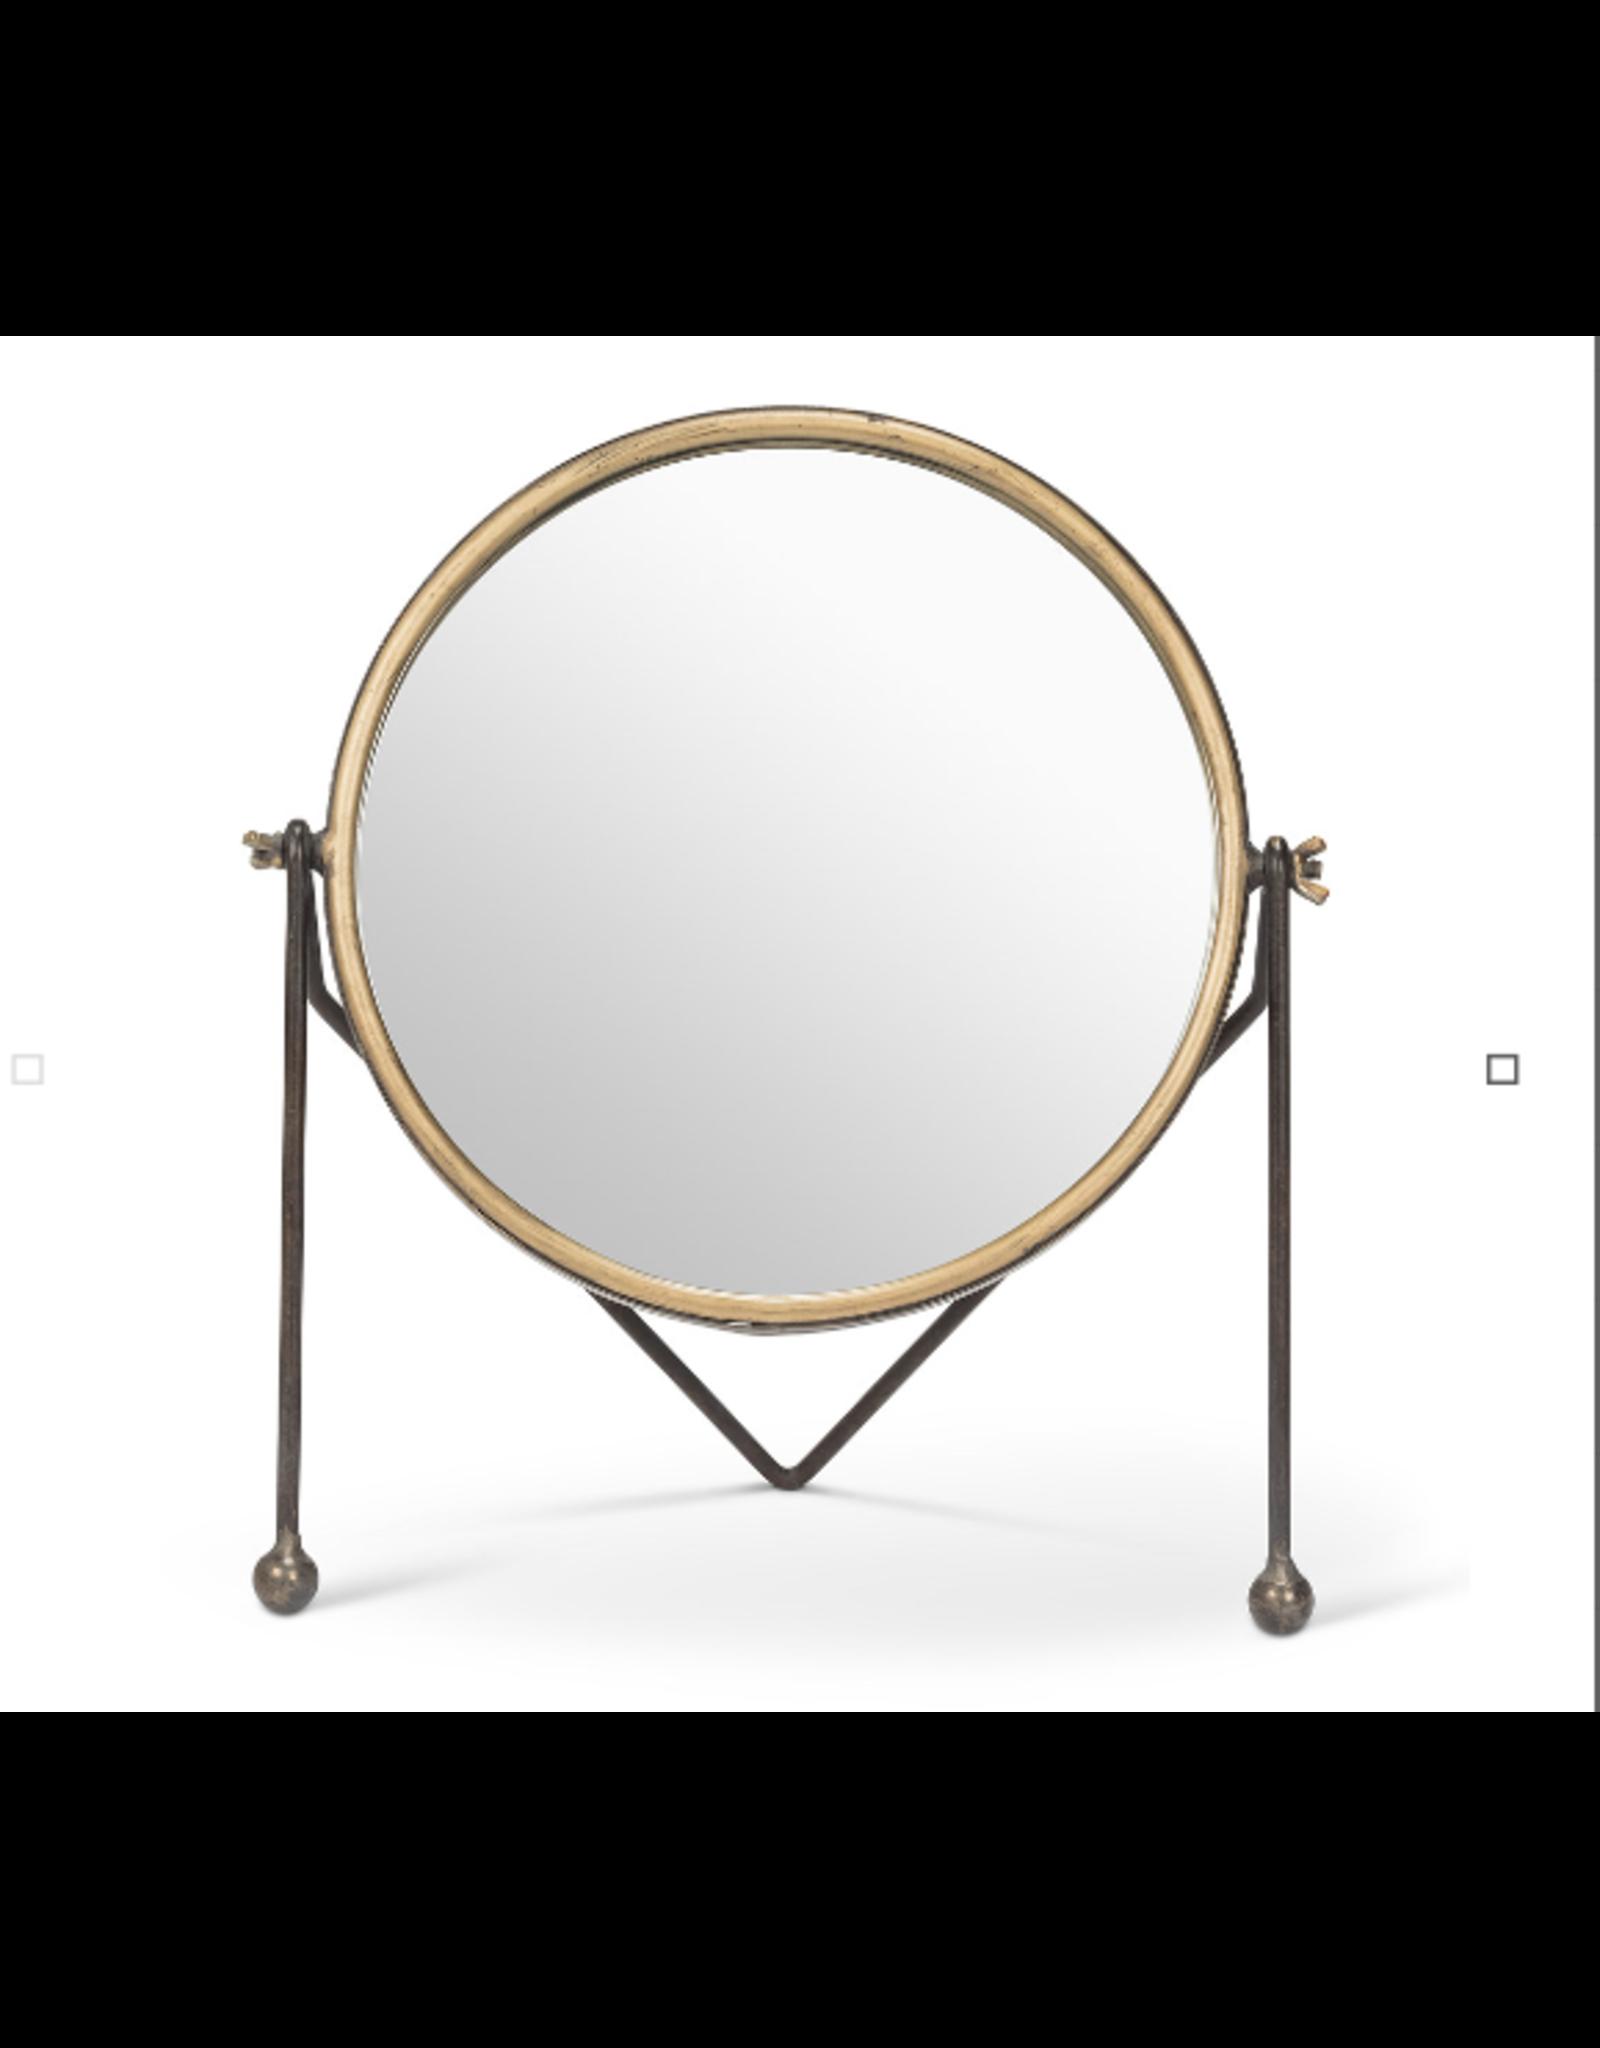 Abbott Round Mirror with Legs